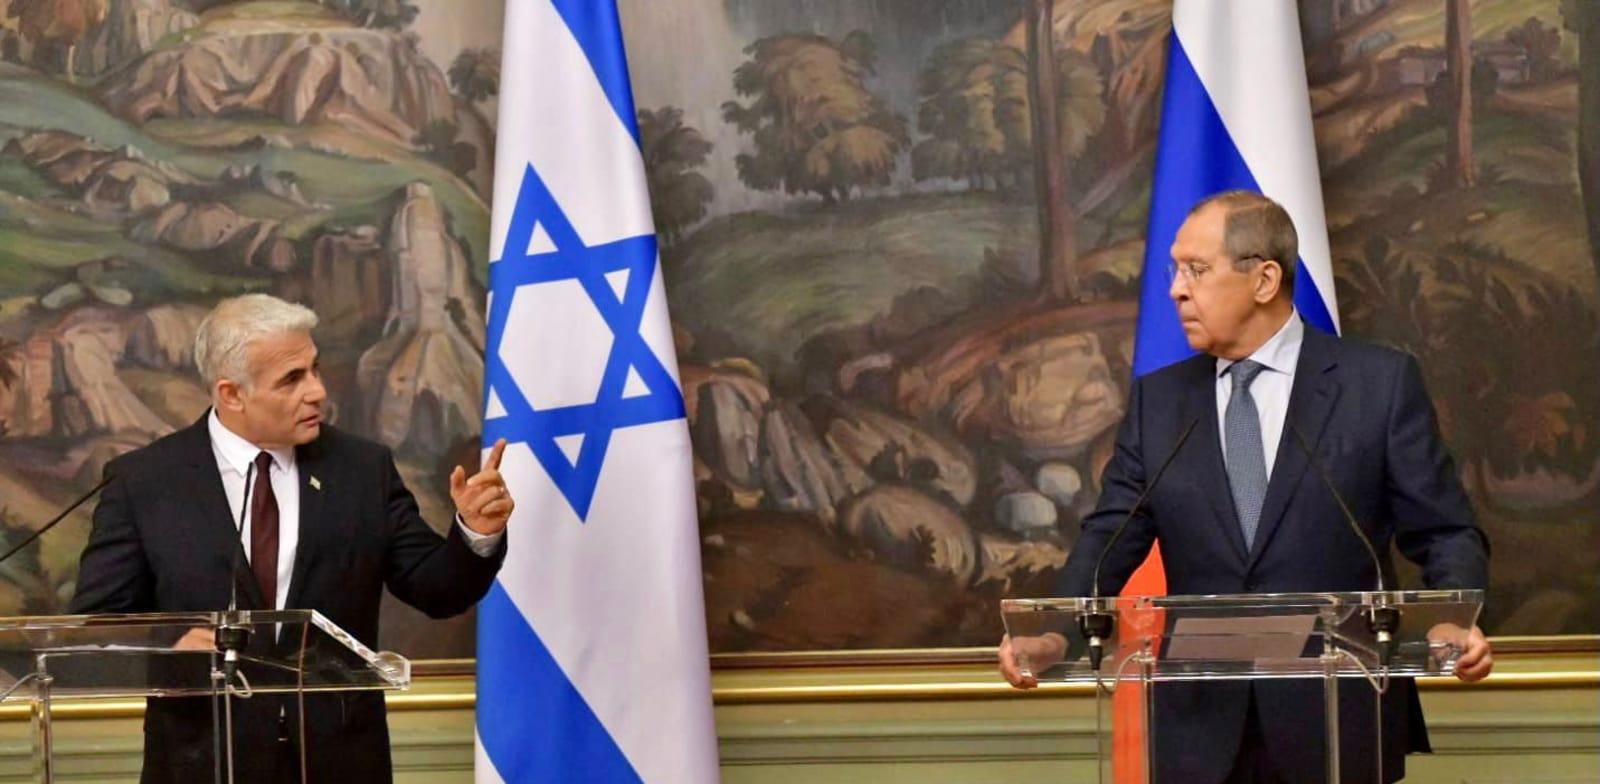 יאיר לפיד ושר החוץ של רוסיה, סרגיי לברוב / צילום: שלומי אמסלם, לע''מ